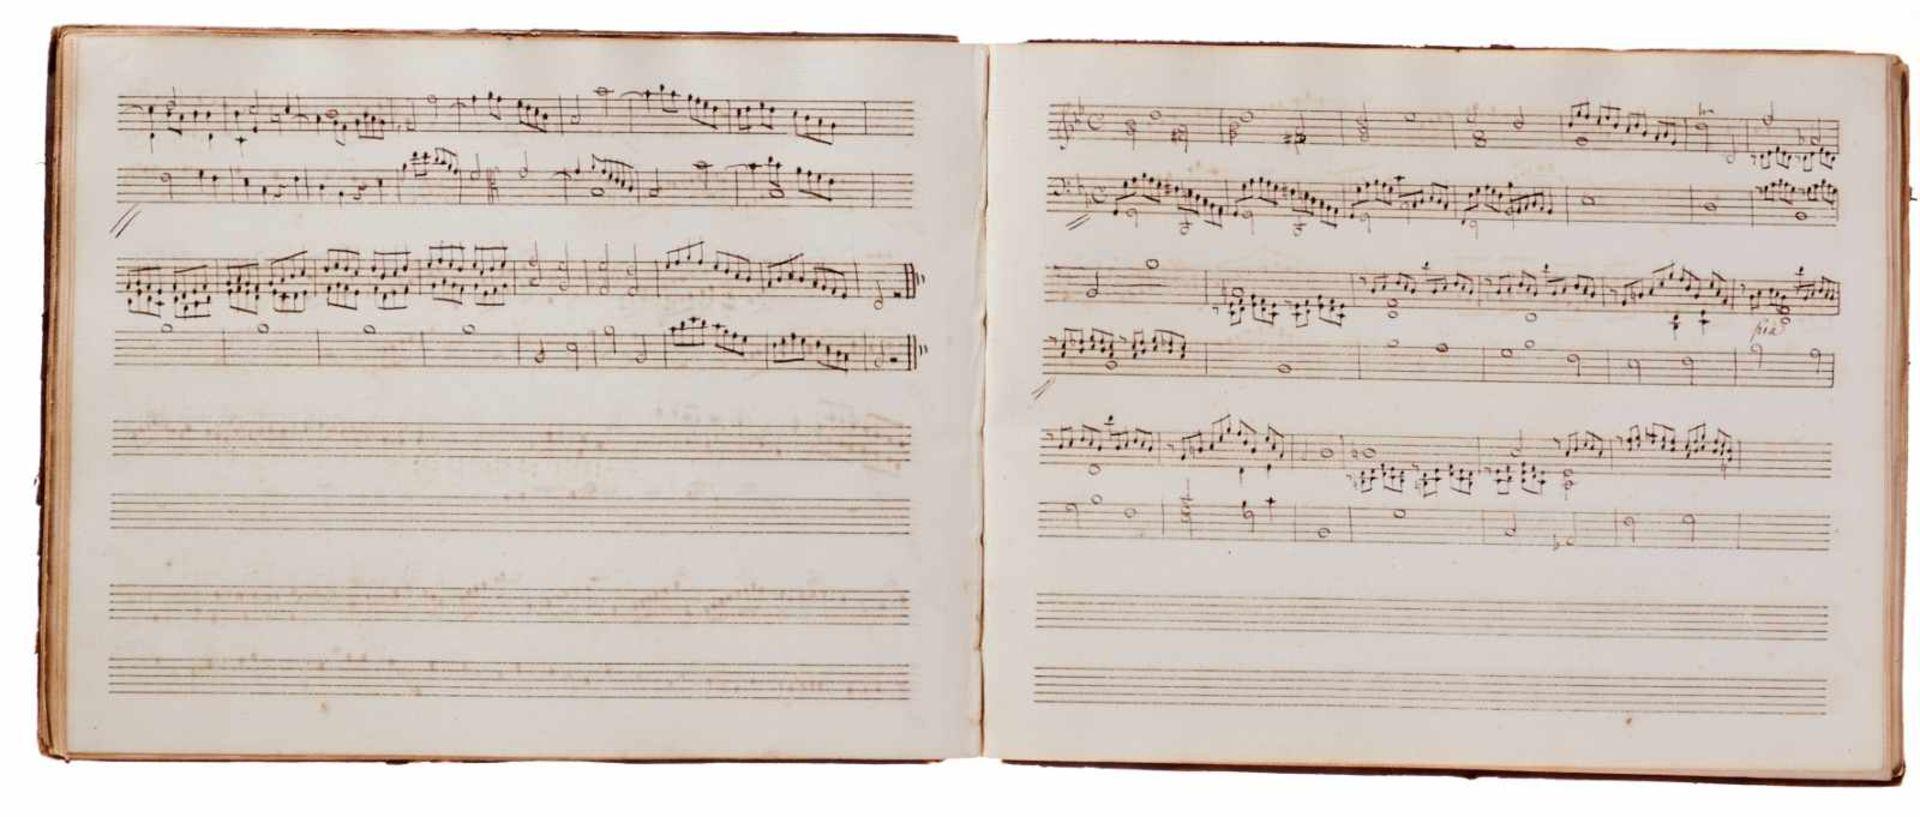 Notiz- und Skizzenbuch eines in Großbritannien tätigen Komponisten.Musikhandschrift auf Papier. Wohl - Bild 18 aus 30